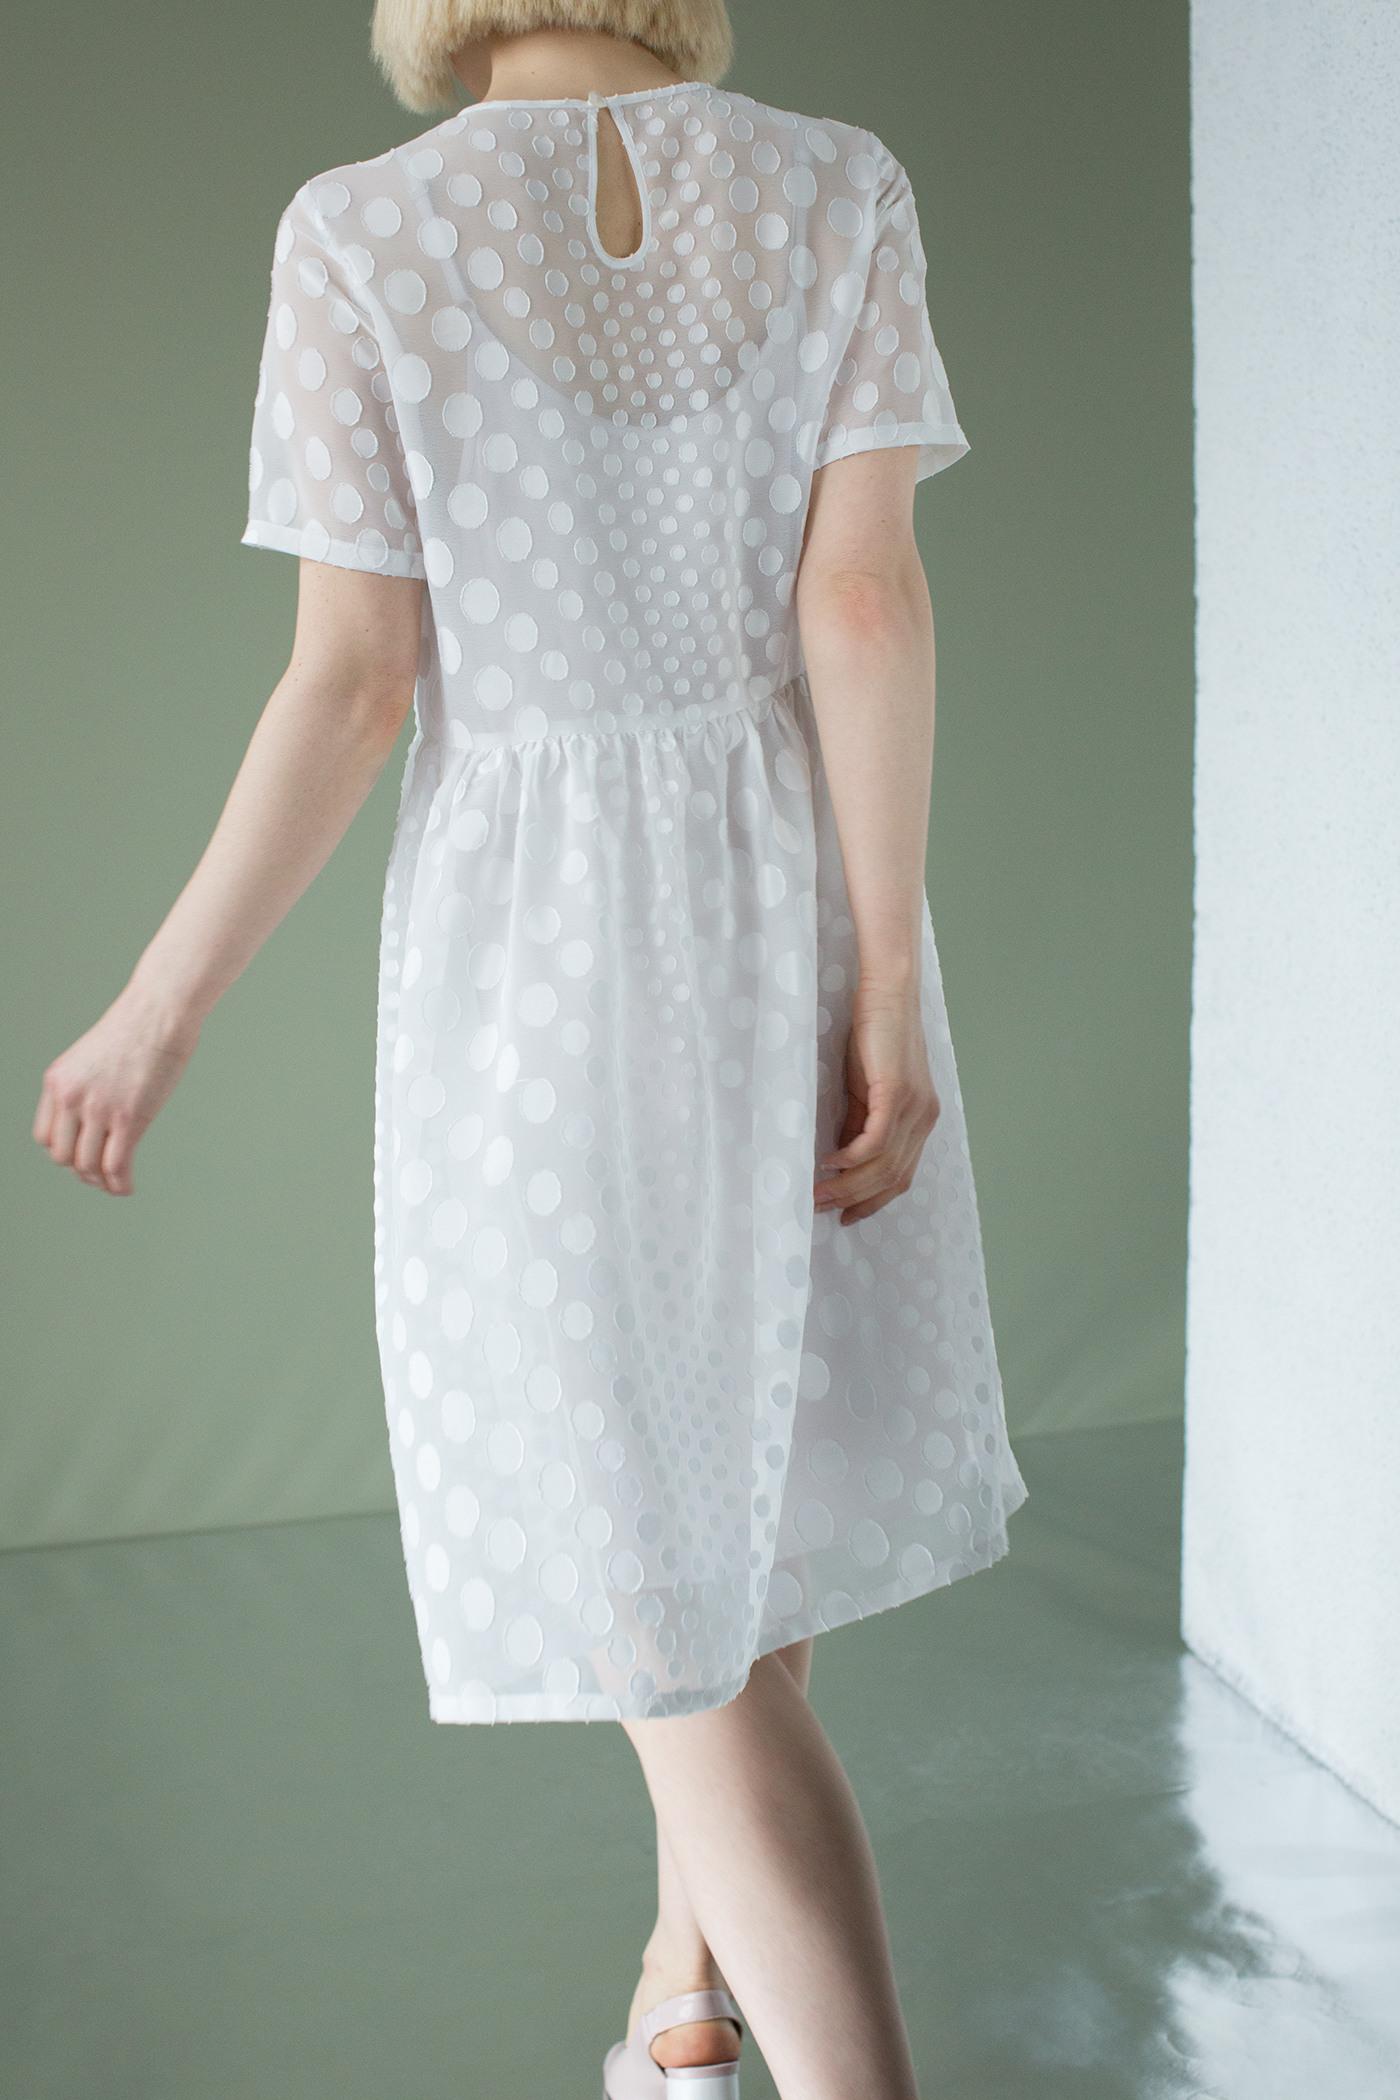 ПлатьеПлатье средней длины с завышенной линией талии с отрезной юбкой&#13;<br>&#13;<br>&#13;<br>свободный силуэт&#13;<br>&#13;<br>можно носить в комплекте с нижним платьем, либо как самостоятельное изделие&#13;<br>&#13;<br>&#13;<br>Платье-комбинацию вы можете приобрести отдельно.<br><br>Цвет: Белый<br>Размер: XS, S, M, L